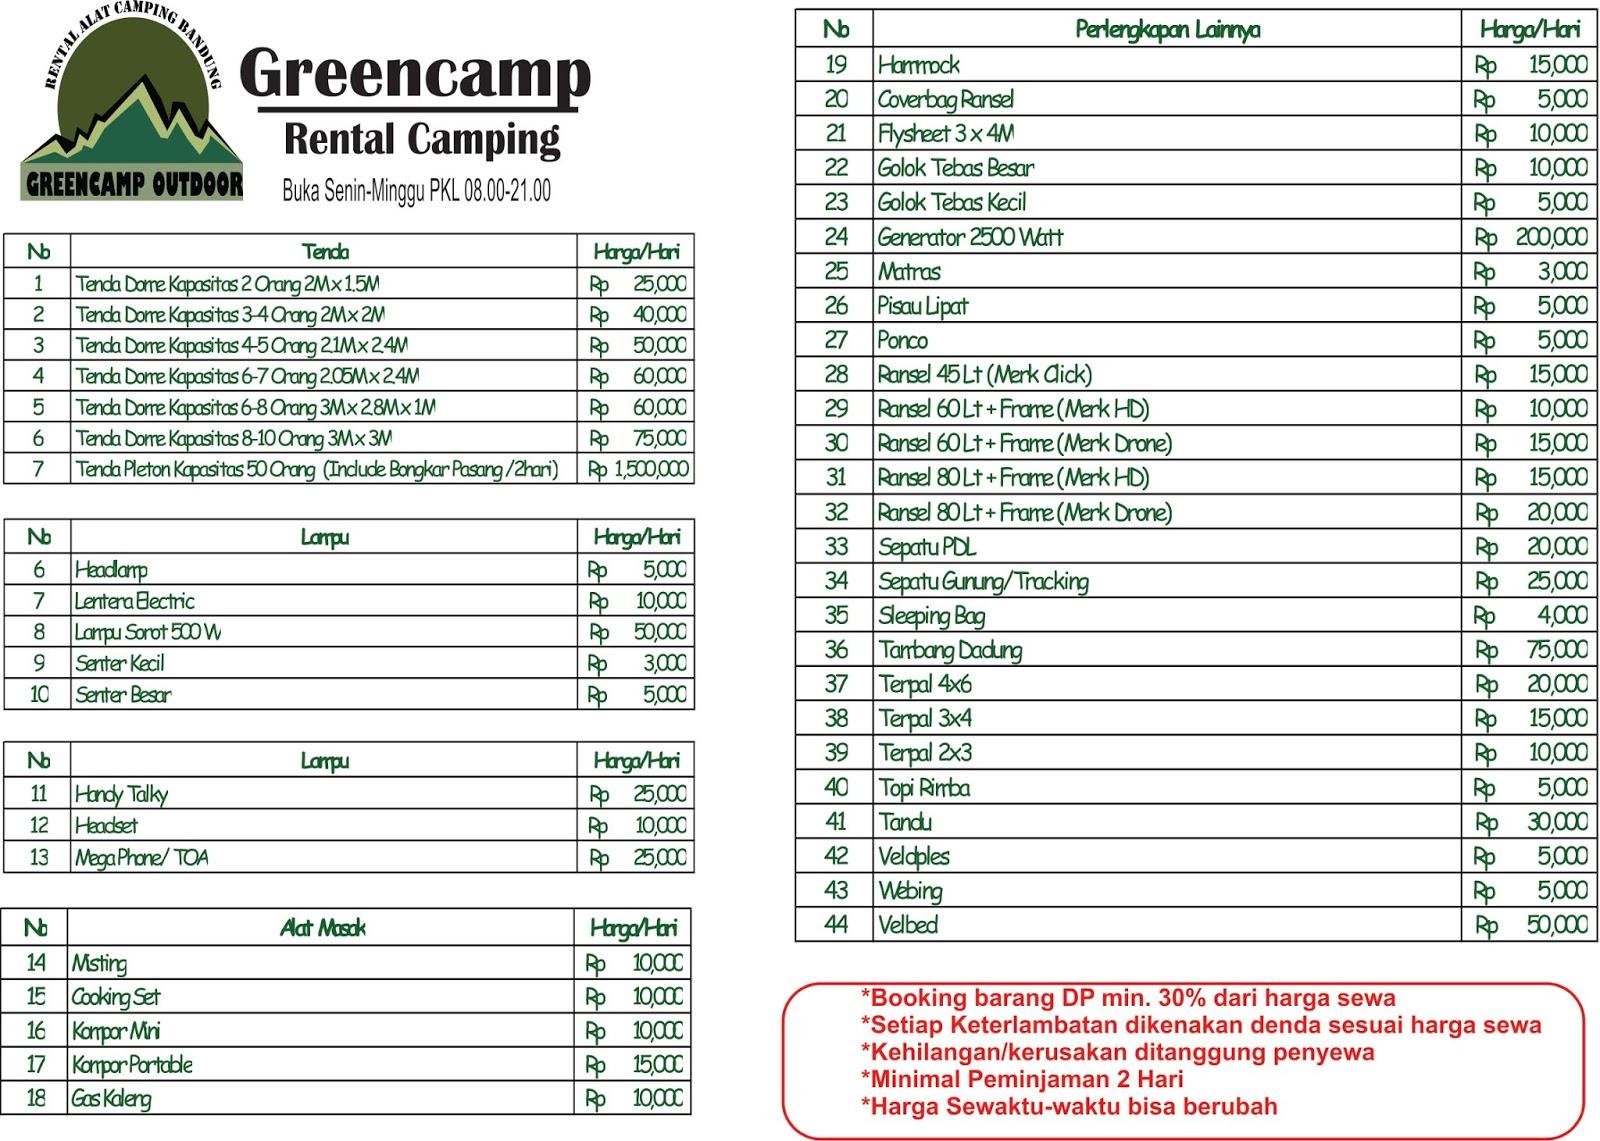 Greencamp Sewa Alat Camping Bandung Daftar Harga Greencamp